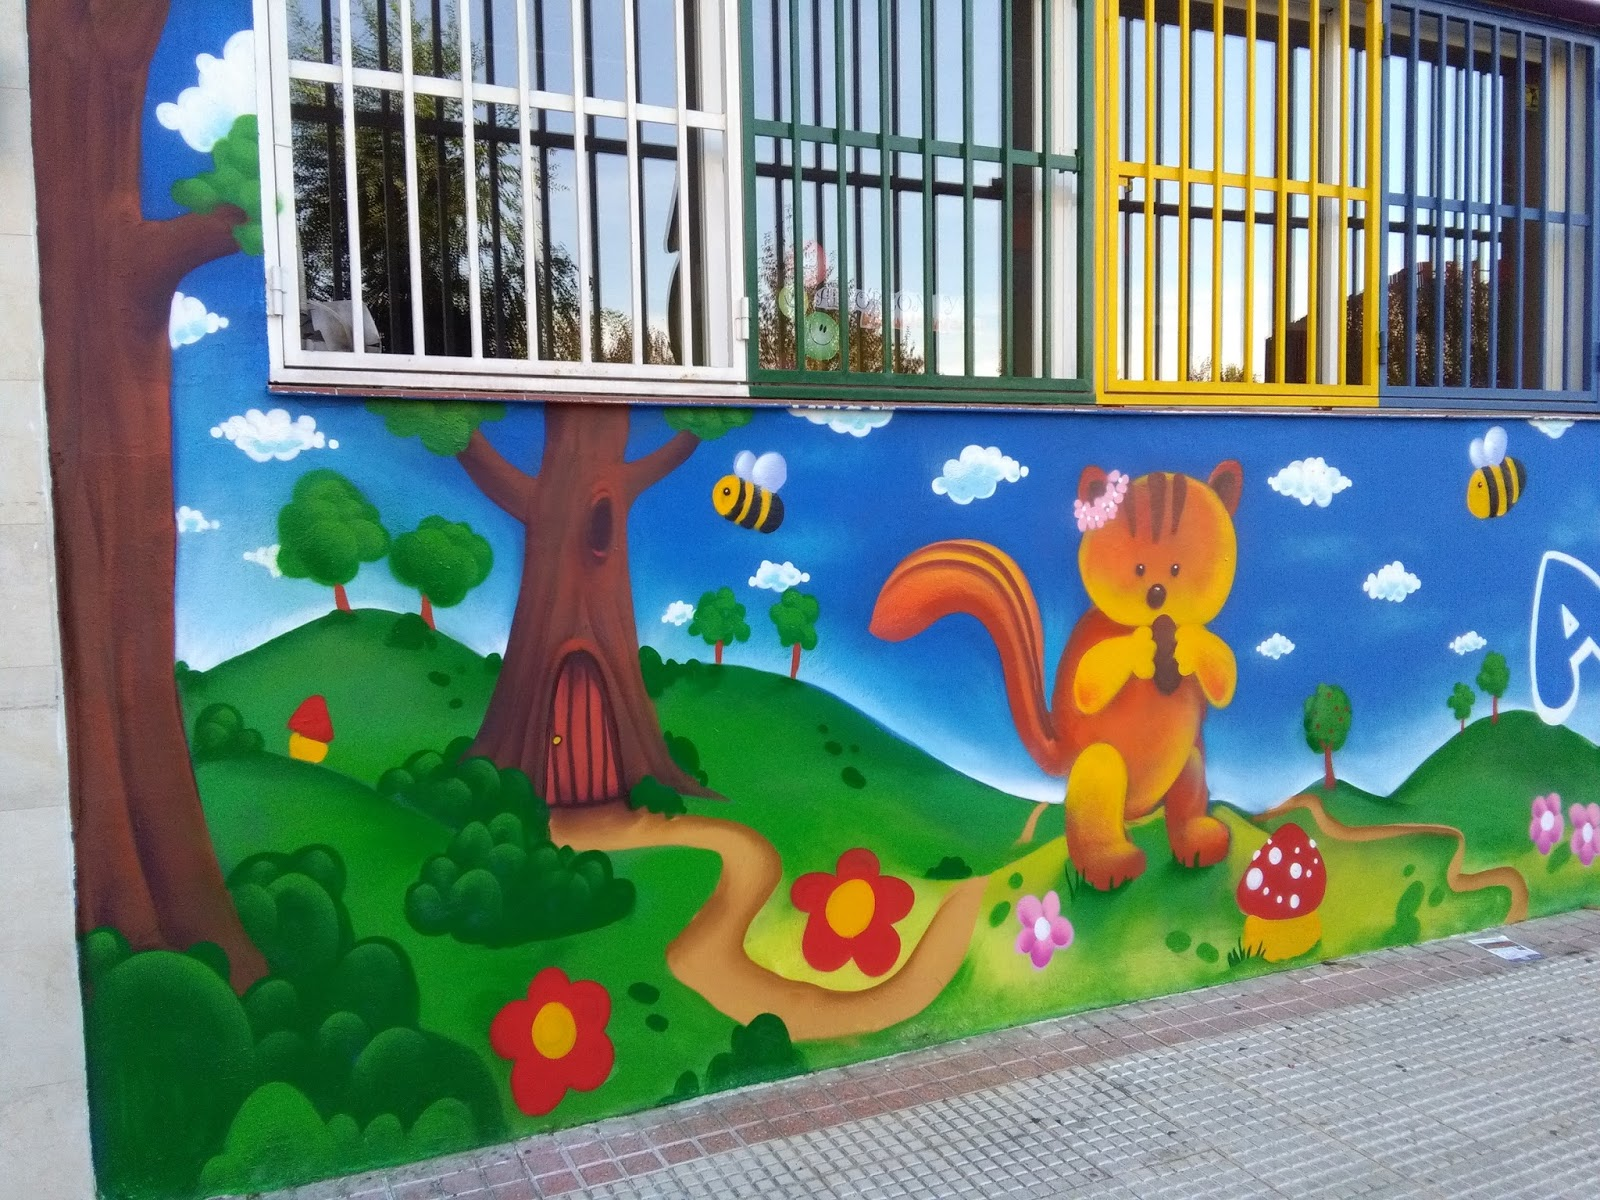 Graffiti bear tck graffiti profesional graffiti mural - Mural pared infantil ...